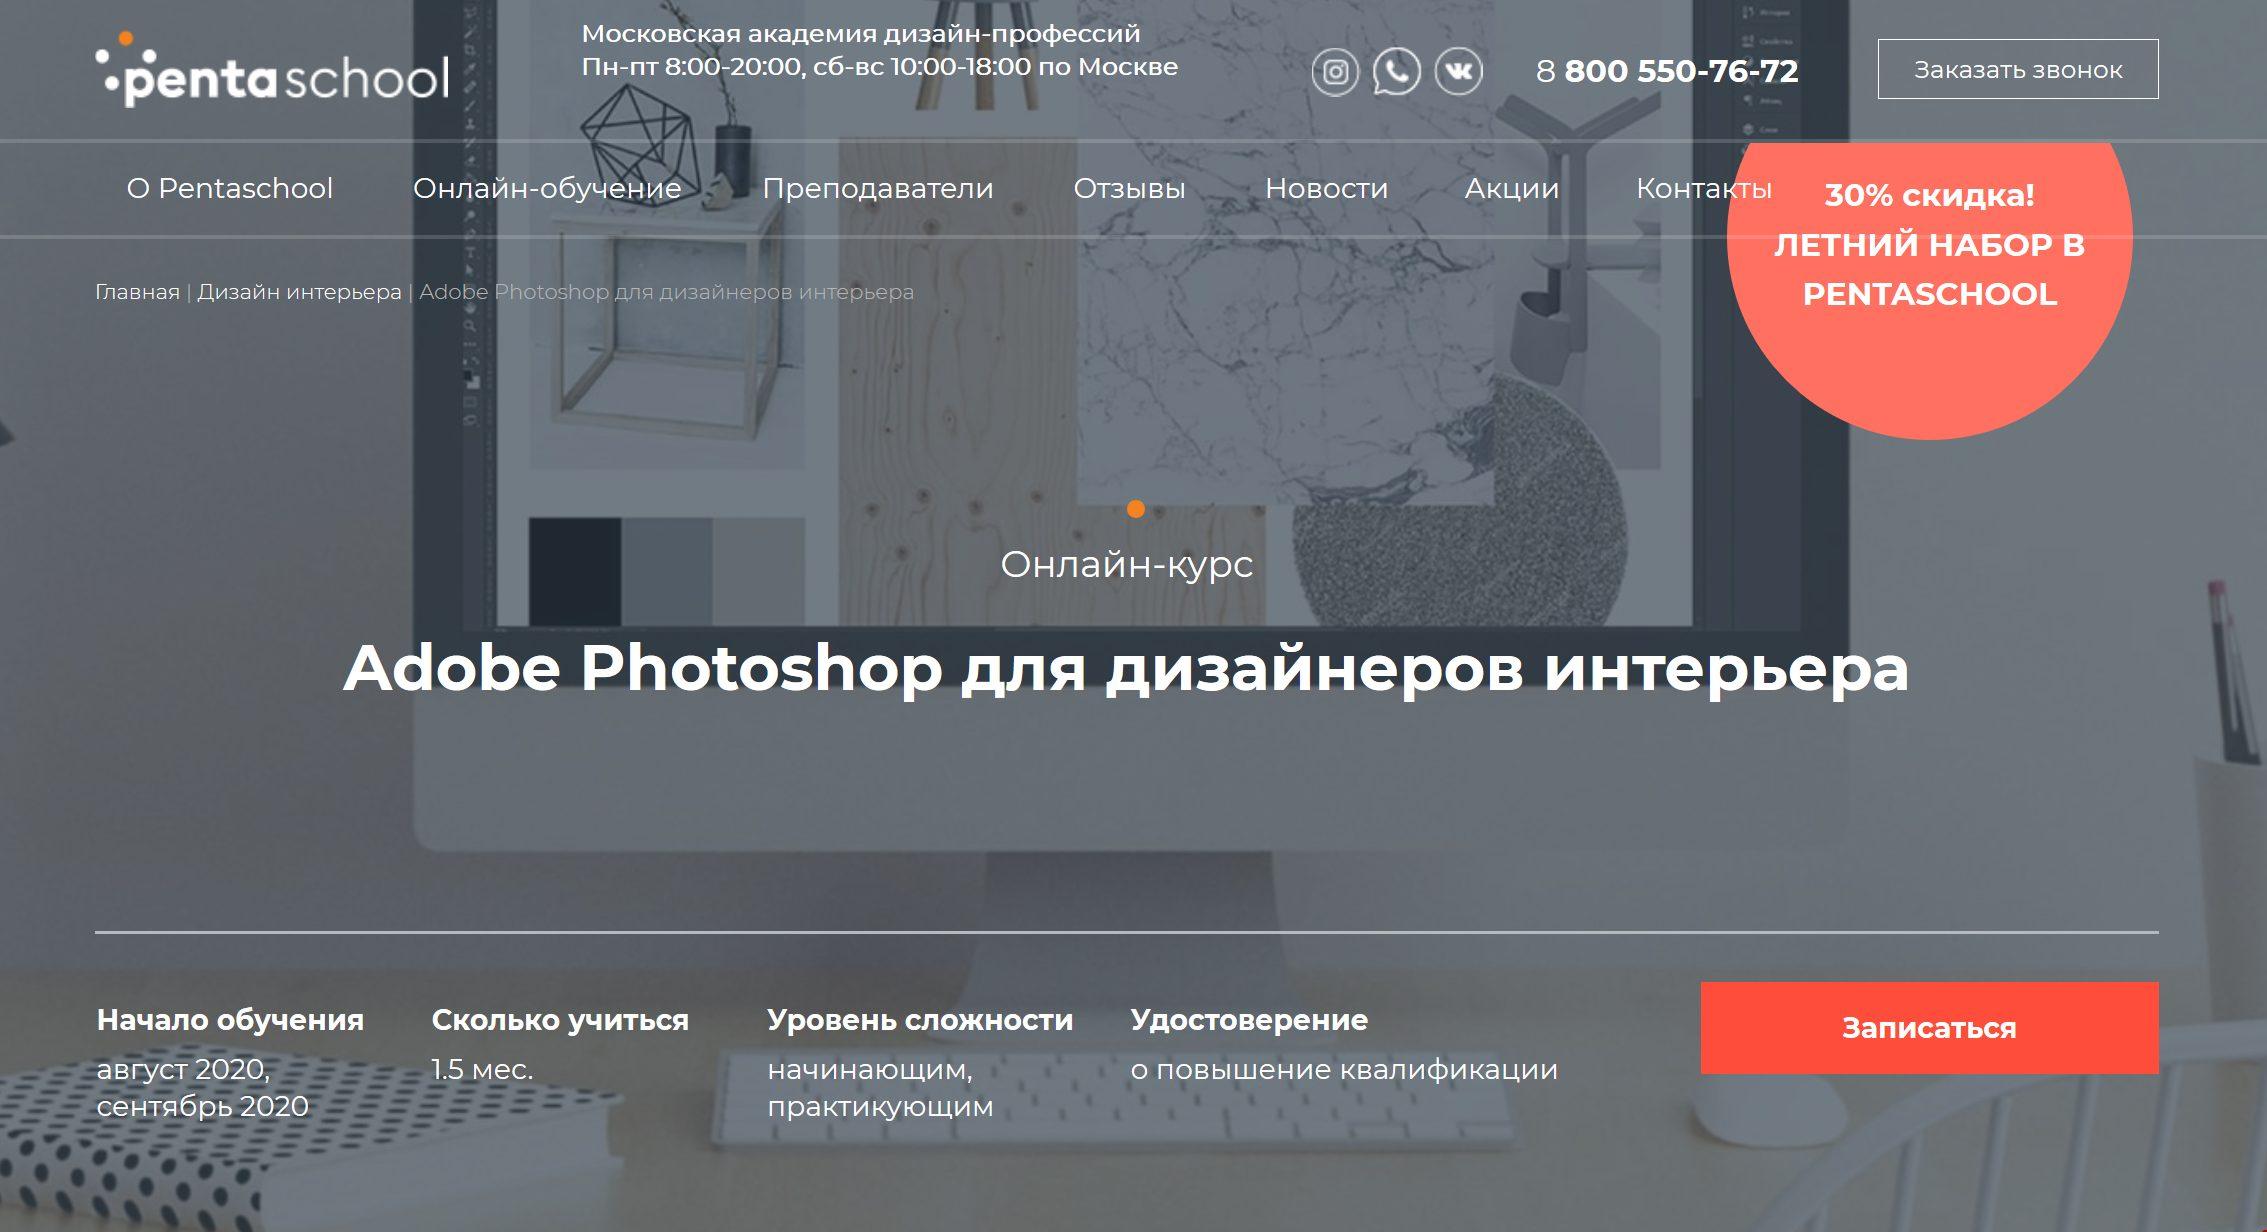 Adobe Photoshop для дизайнера интерьера - дистанционный курс онлайн обучения в Московской академии дизайн-профессий «Пентаскул»